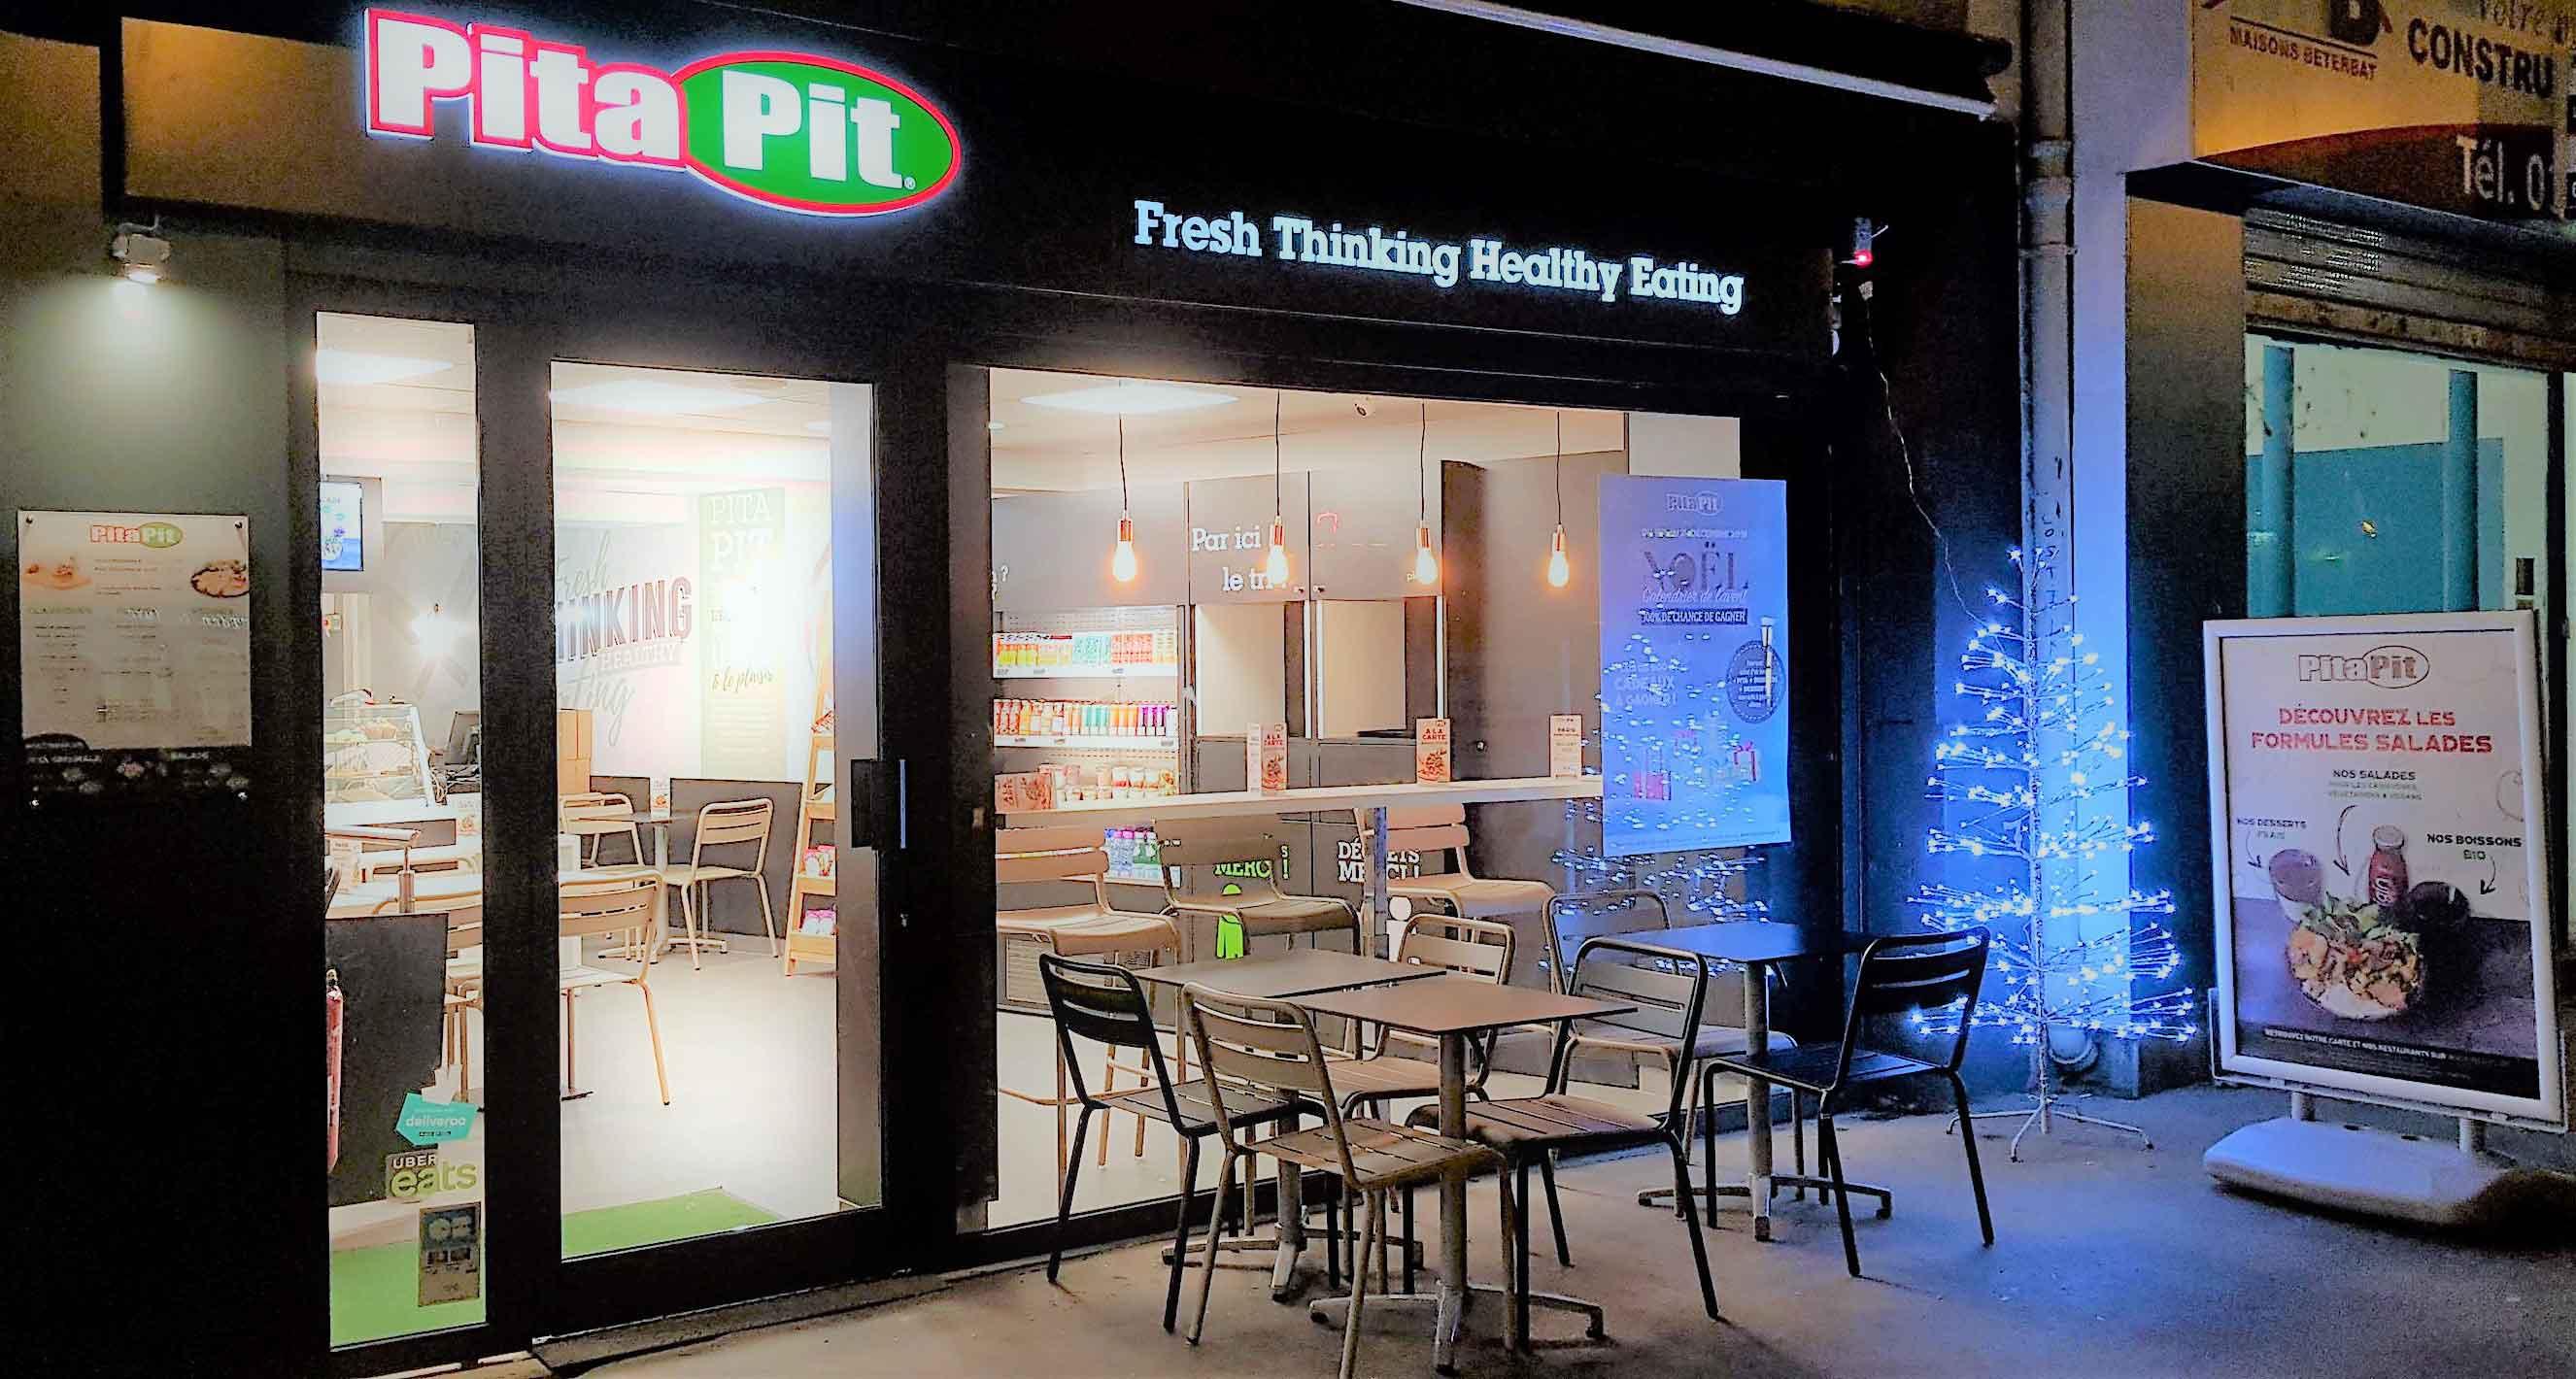 restaurant Pita Pit Paris à Noël - rue du faubourg saint Antoine